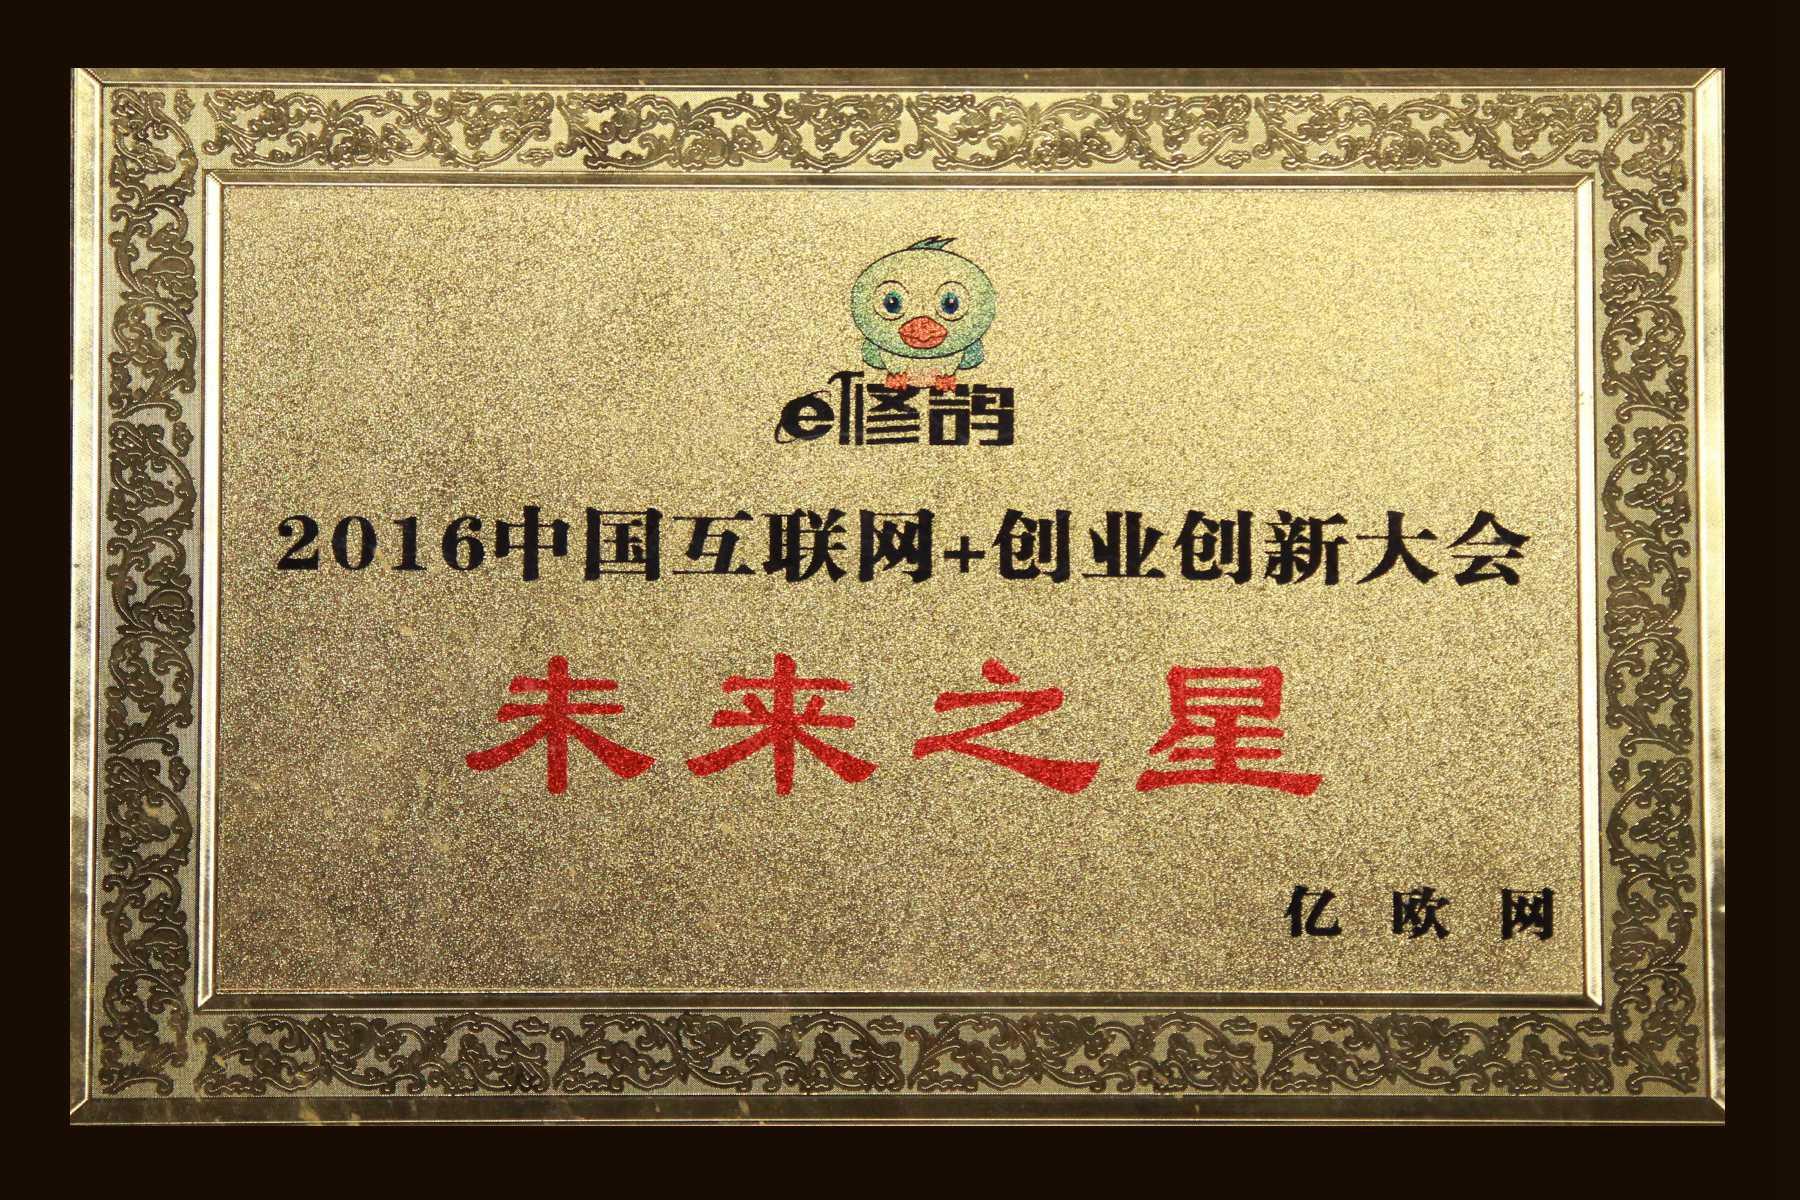 2016中国互联网+创业创新大会未来之星